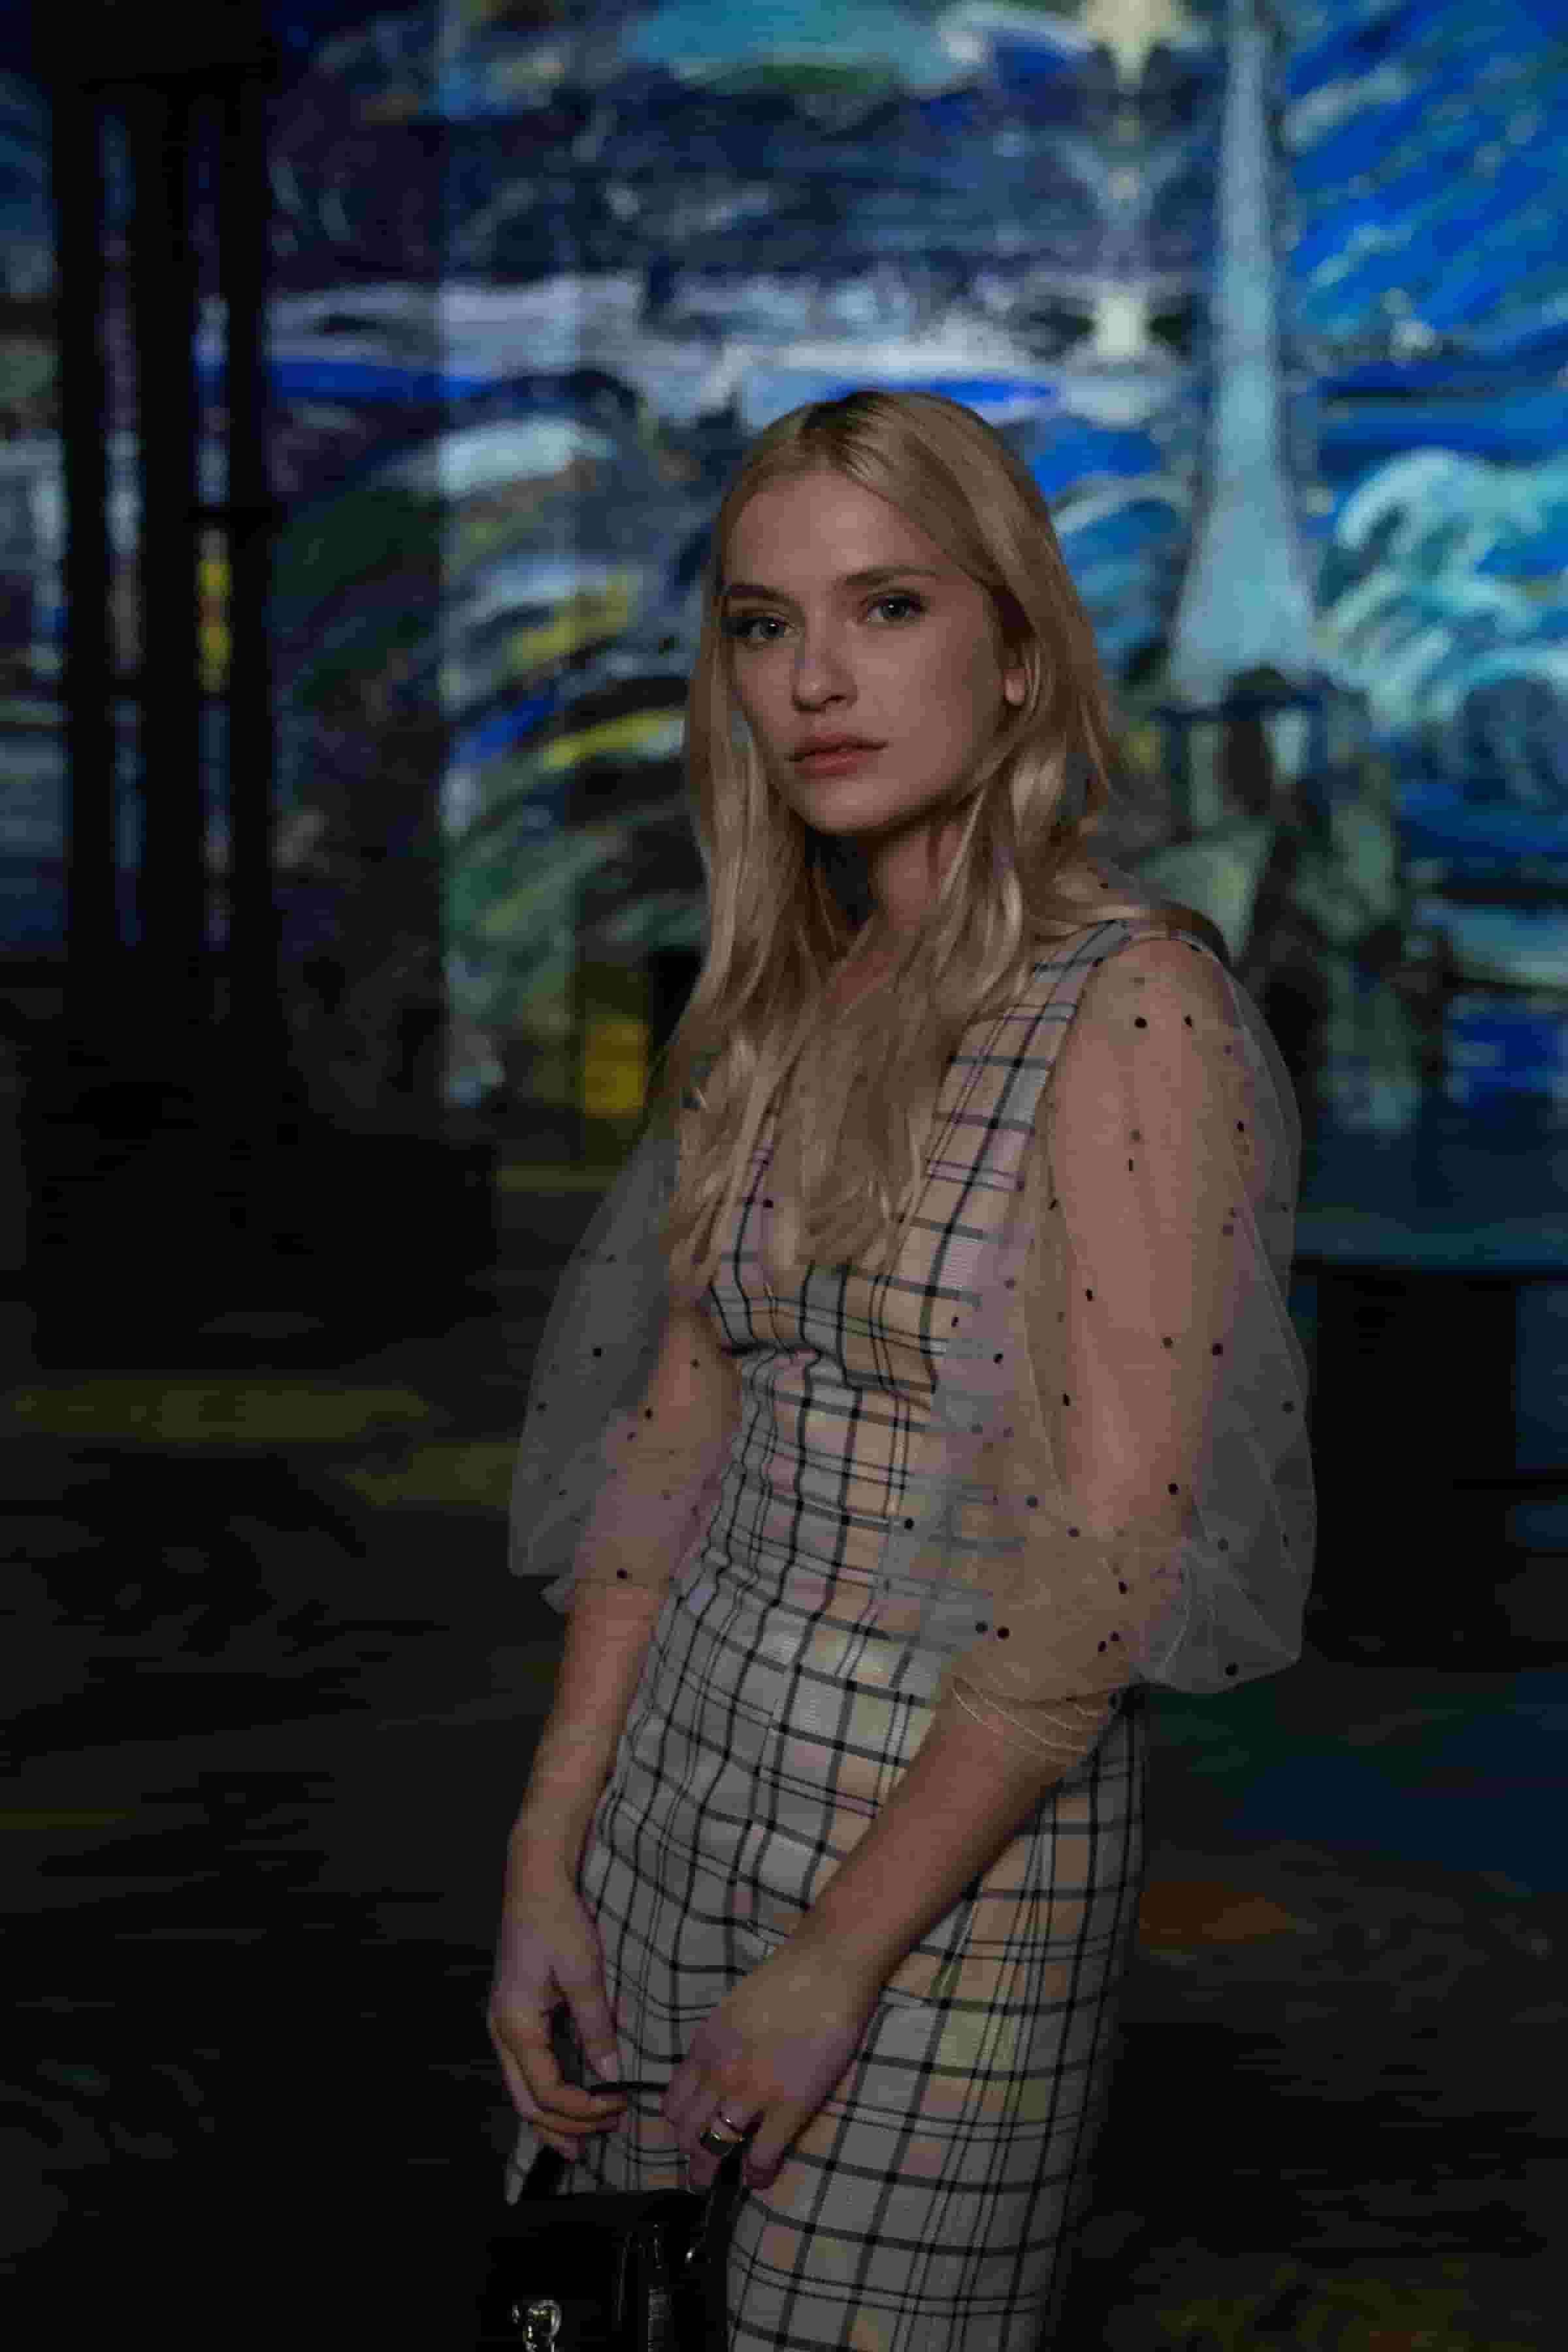 Camille Razat, Emily In Paris, Netflix